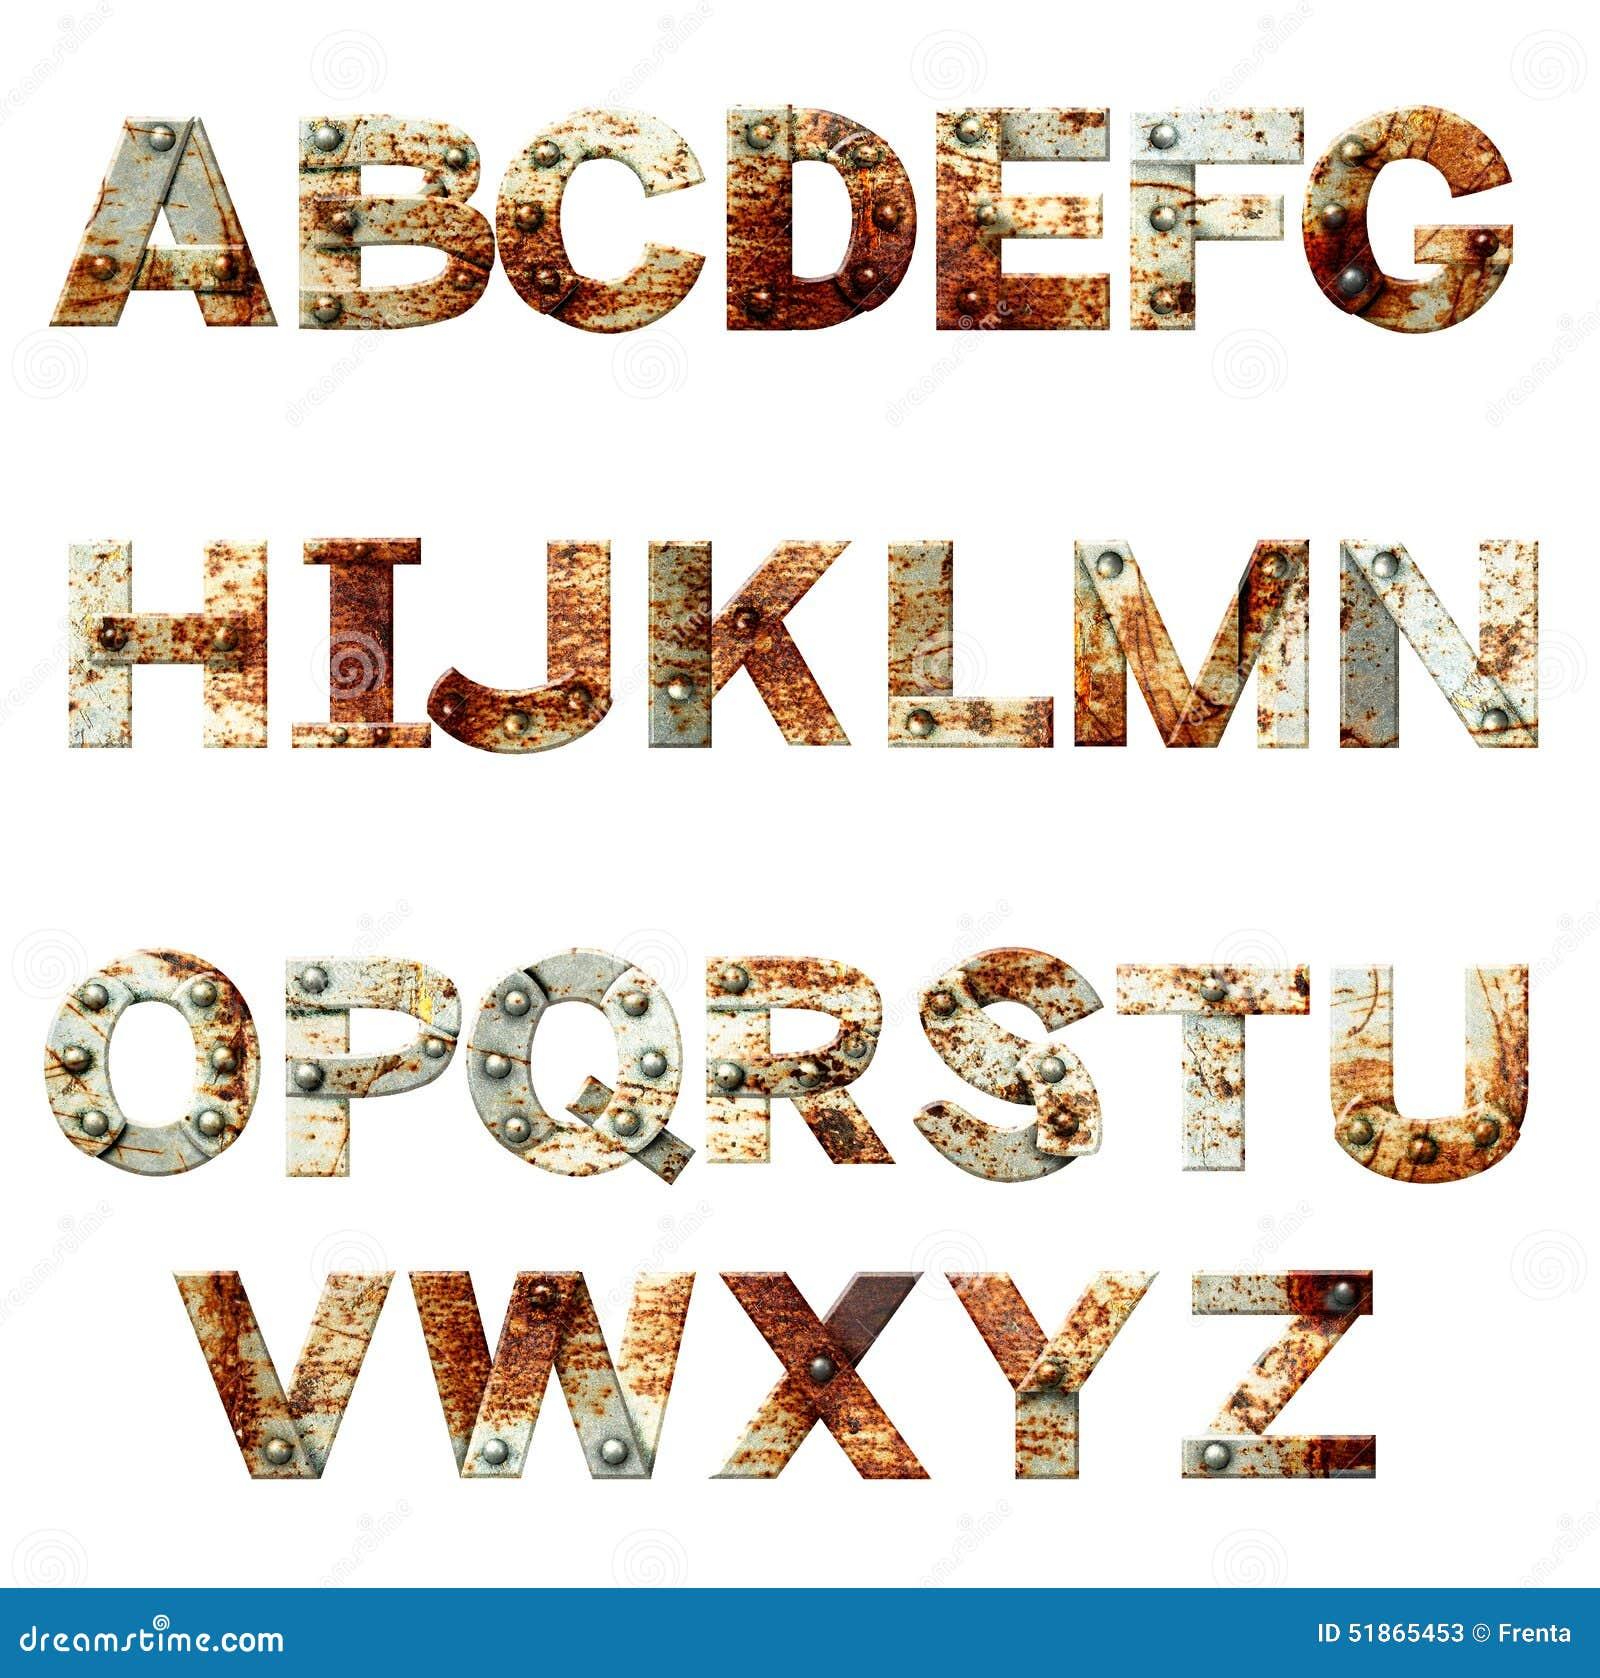 Alfabeto - letras do metal oxidado com rebites